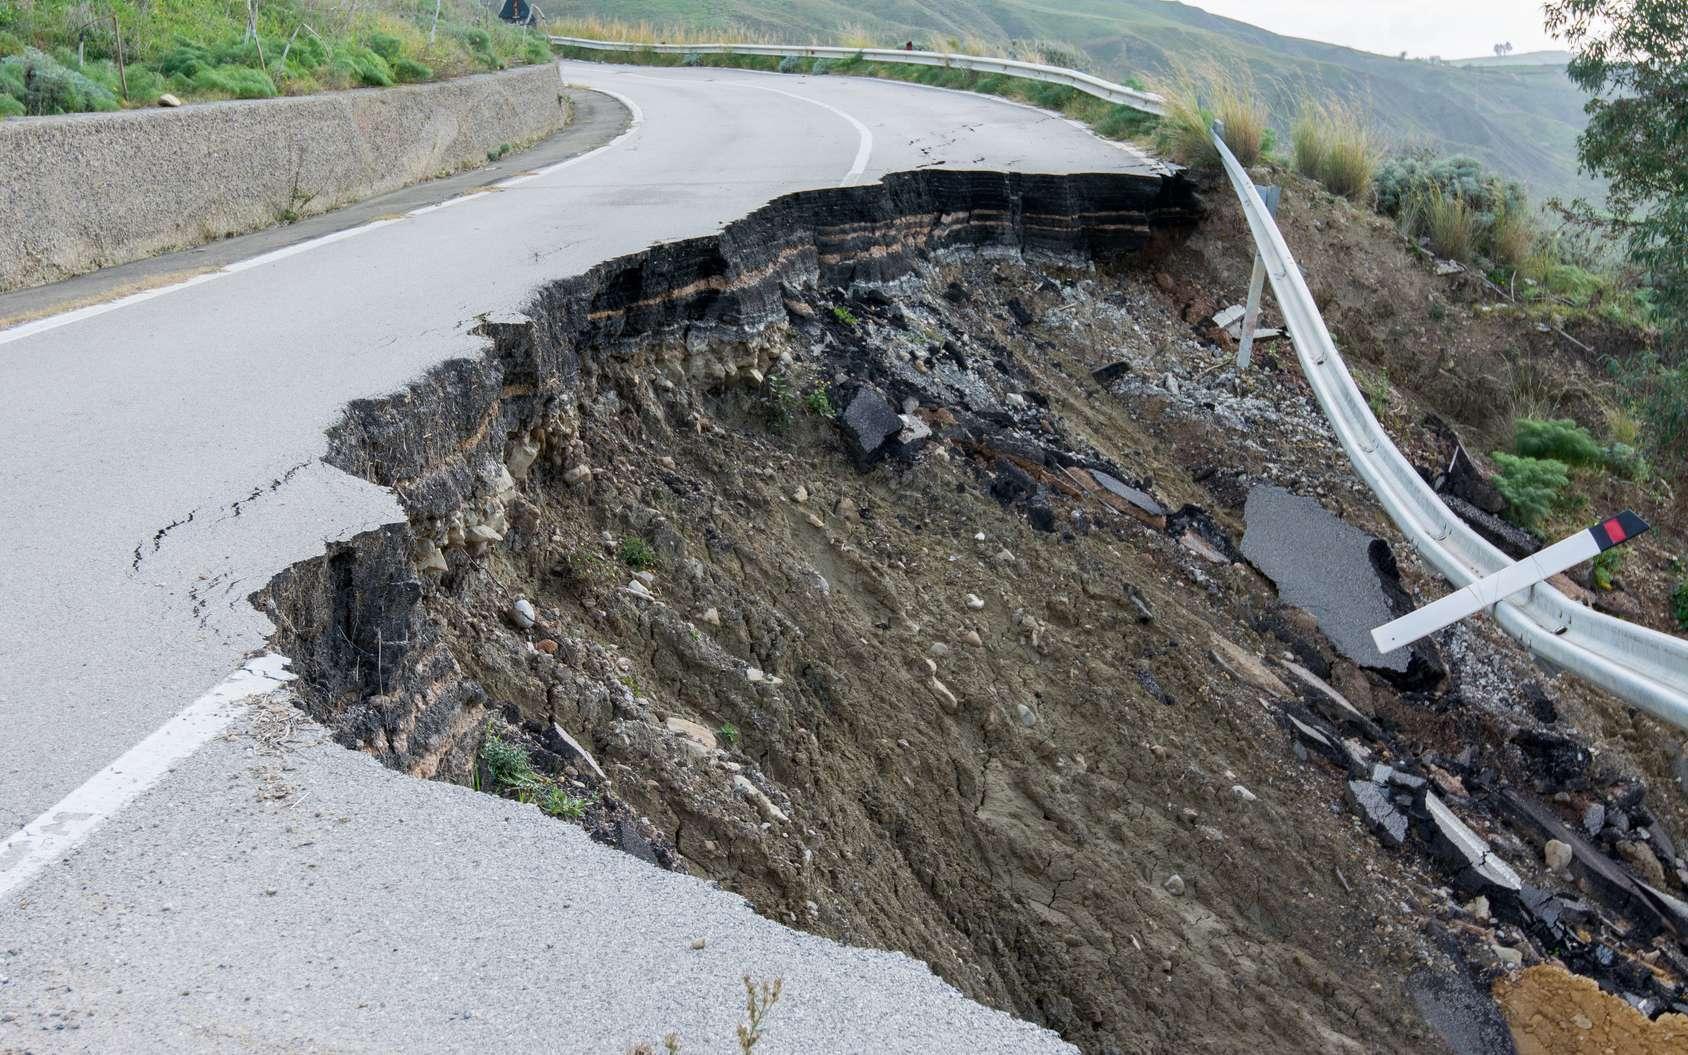 Durant un séisme, le lieu de rupture des roches en profondeur s'appelle le foyer. Il se situe à la verticale de l'épicentre, qui marque quant à lui l'origine du tremblement de terre en surface. En fonction de leur magnitude, les séismes peuvent causer d'importants dégâts. © fotolia, puckillustration